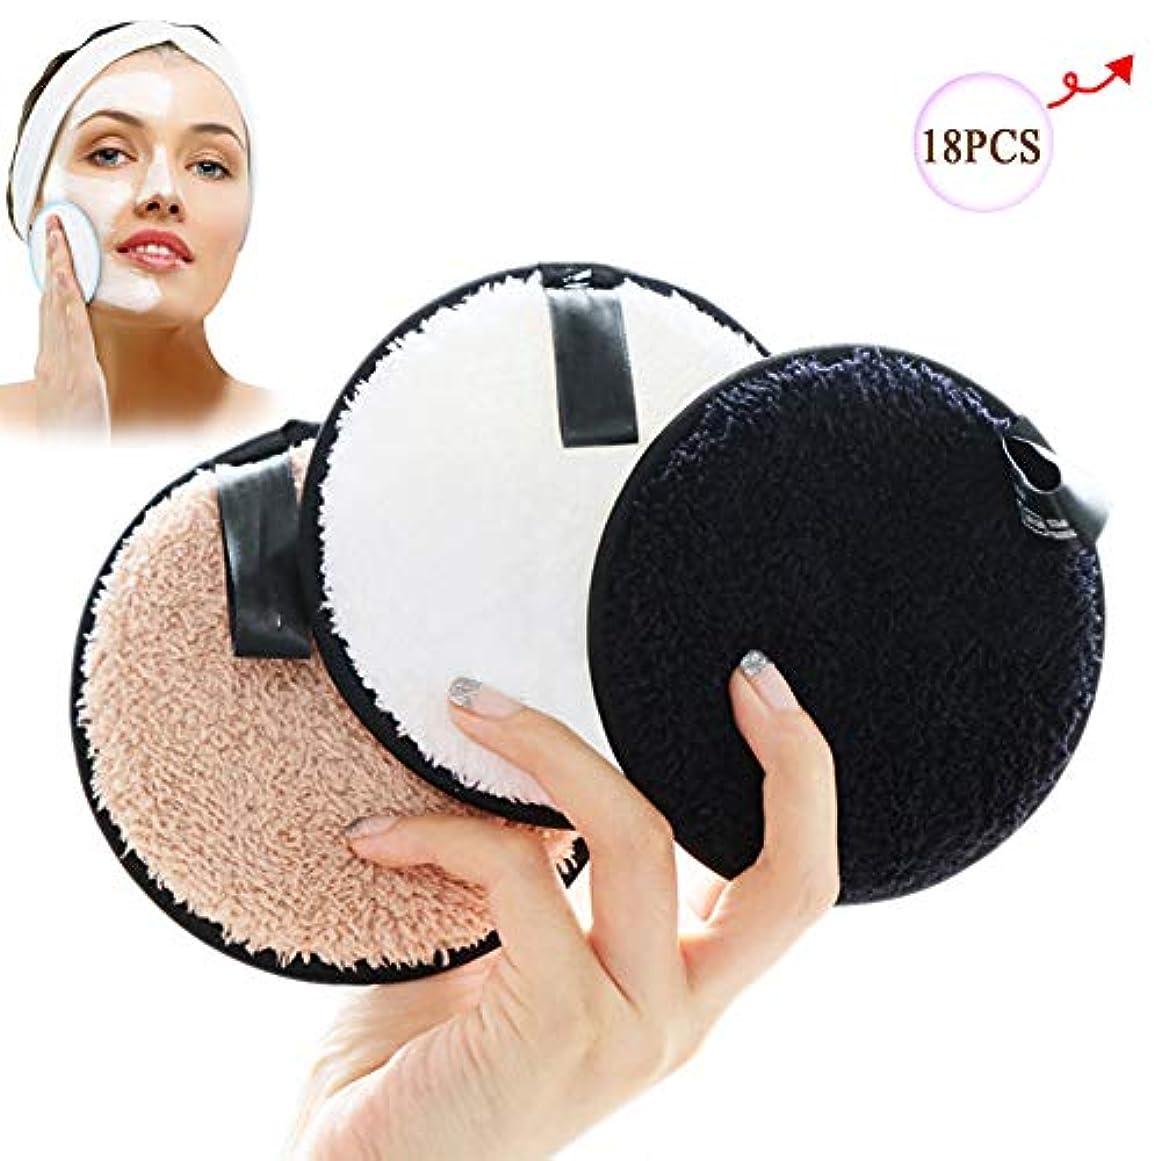 協同メガロポリススペイン除去剤のパッド、女性の表面/目/唇のための再使用可能な清潔になる綿繊維の構造の除去剤のワイプ,18PCS